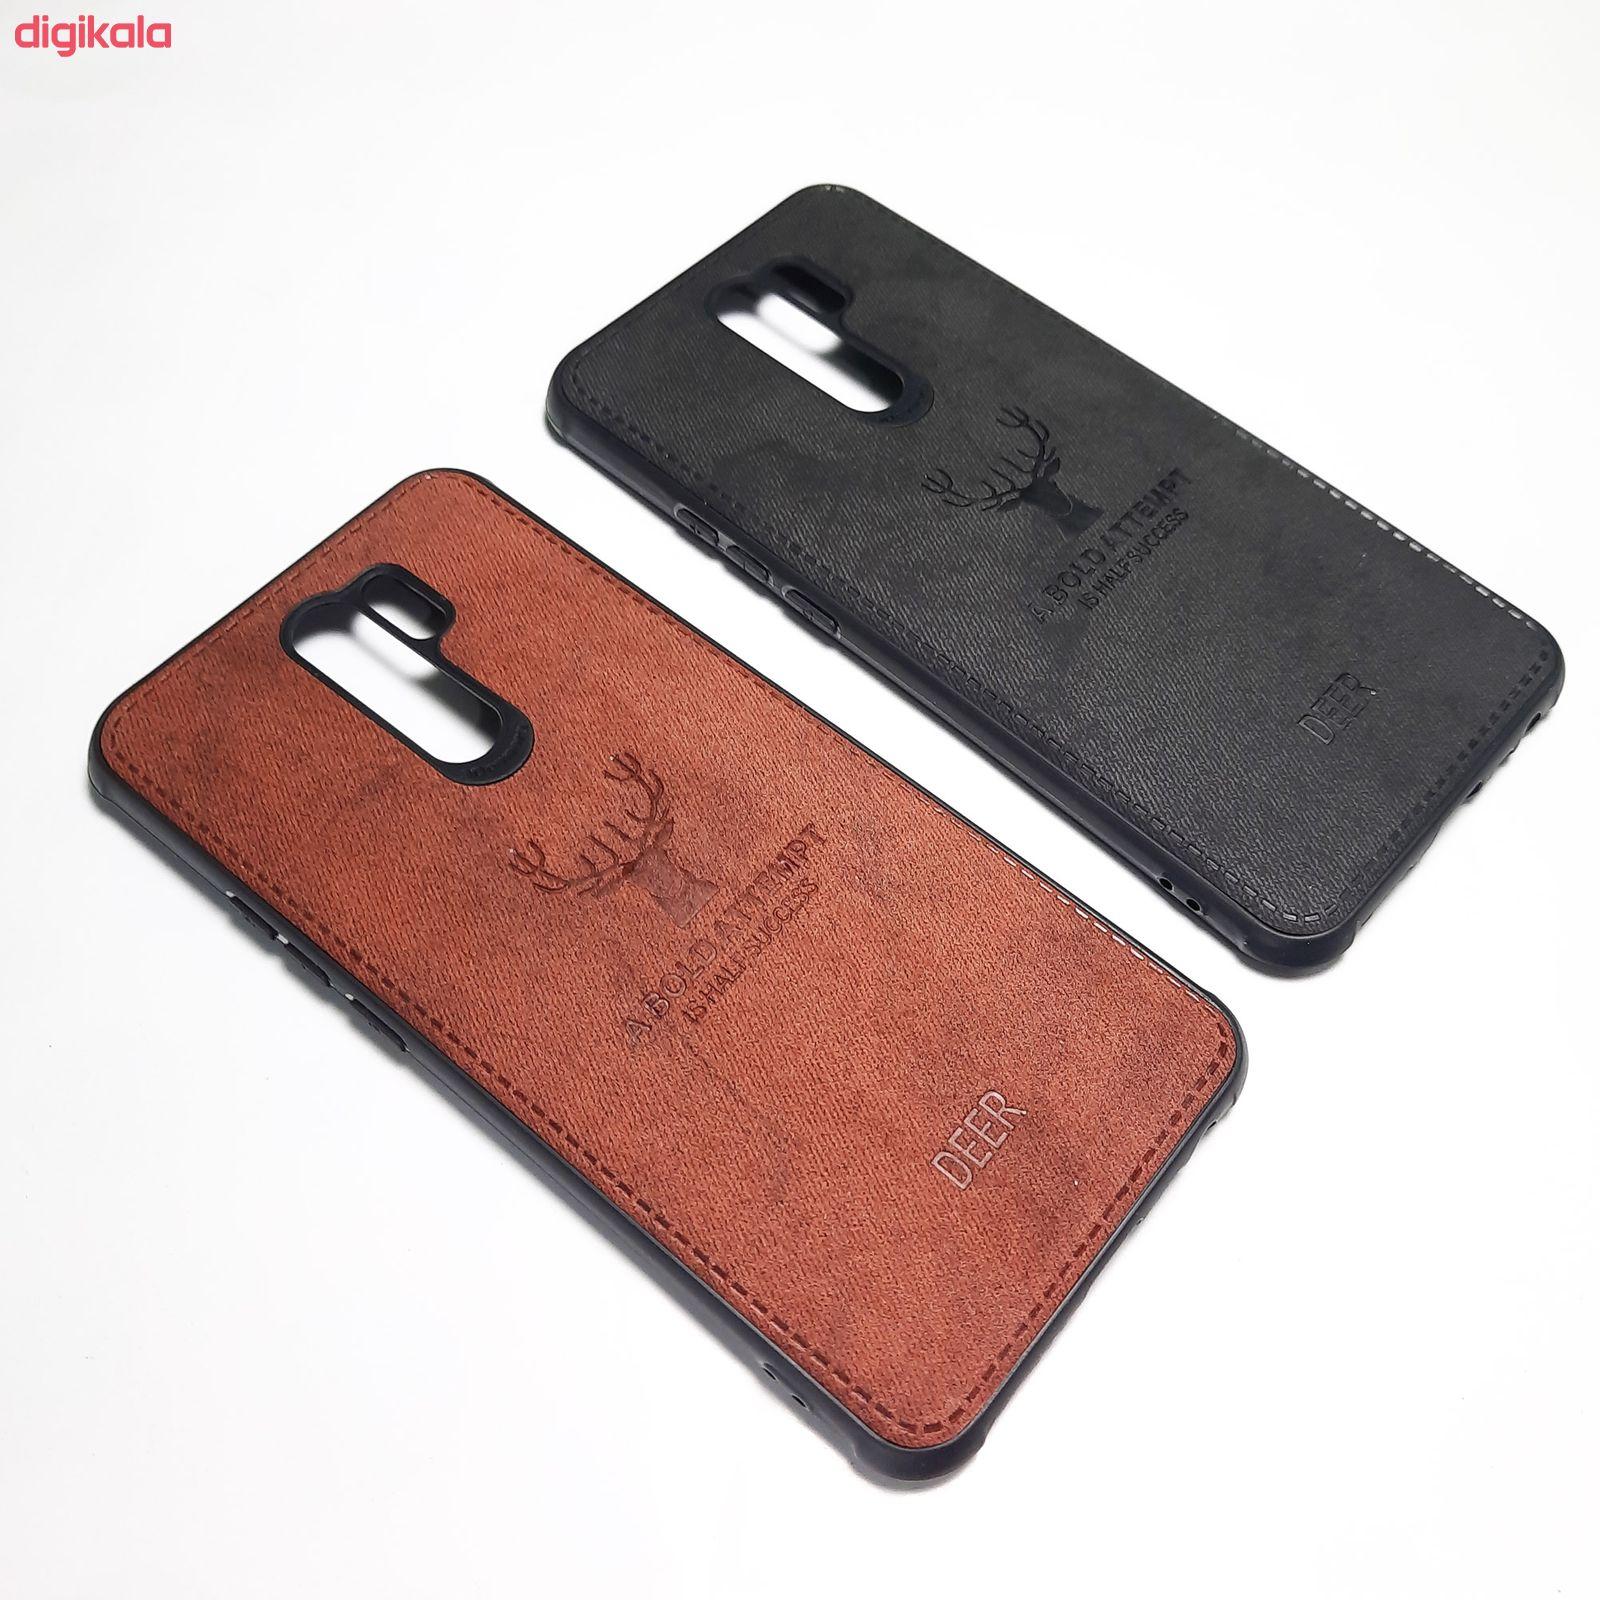 کاور مدل CO812 طرح گوزن مناسب برای گوشی موبایل شیائومی Redmi 9 / Redmi 9 Prime main 1 2